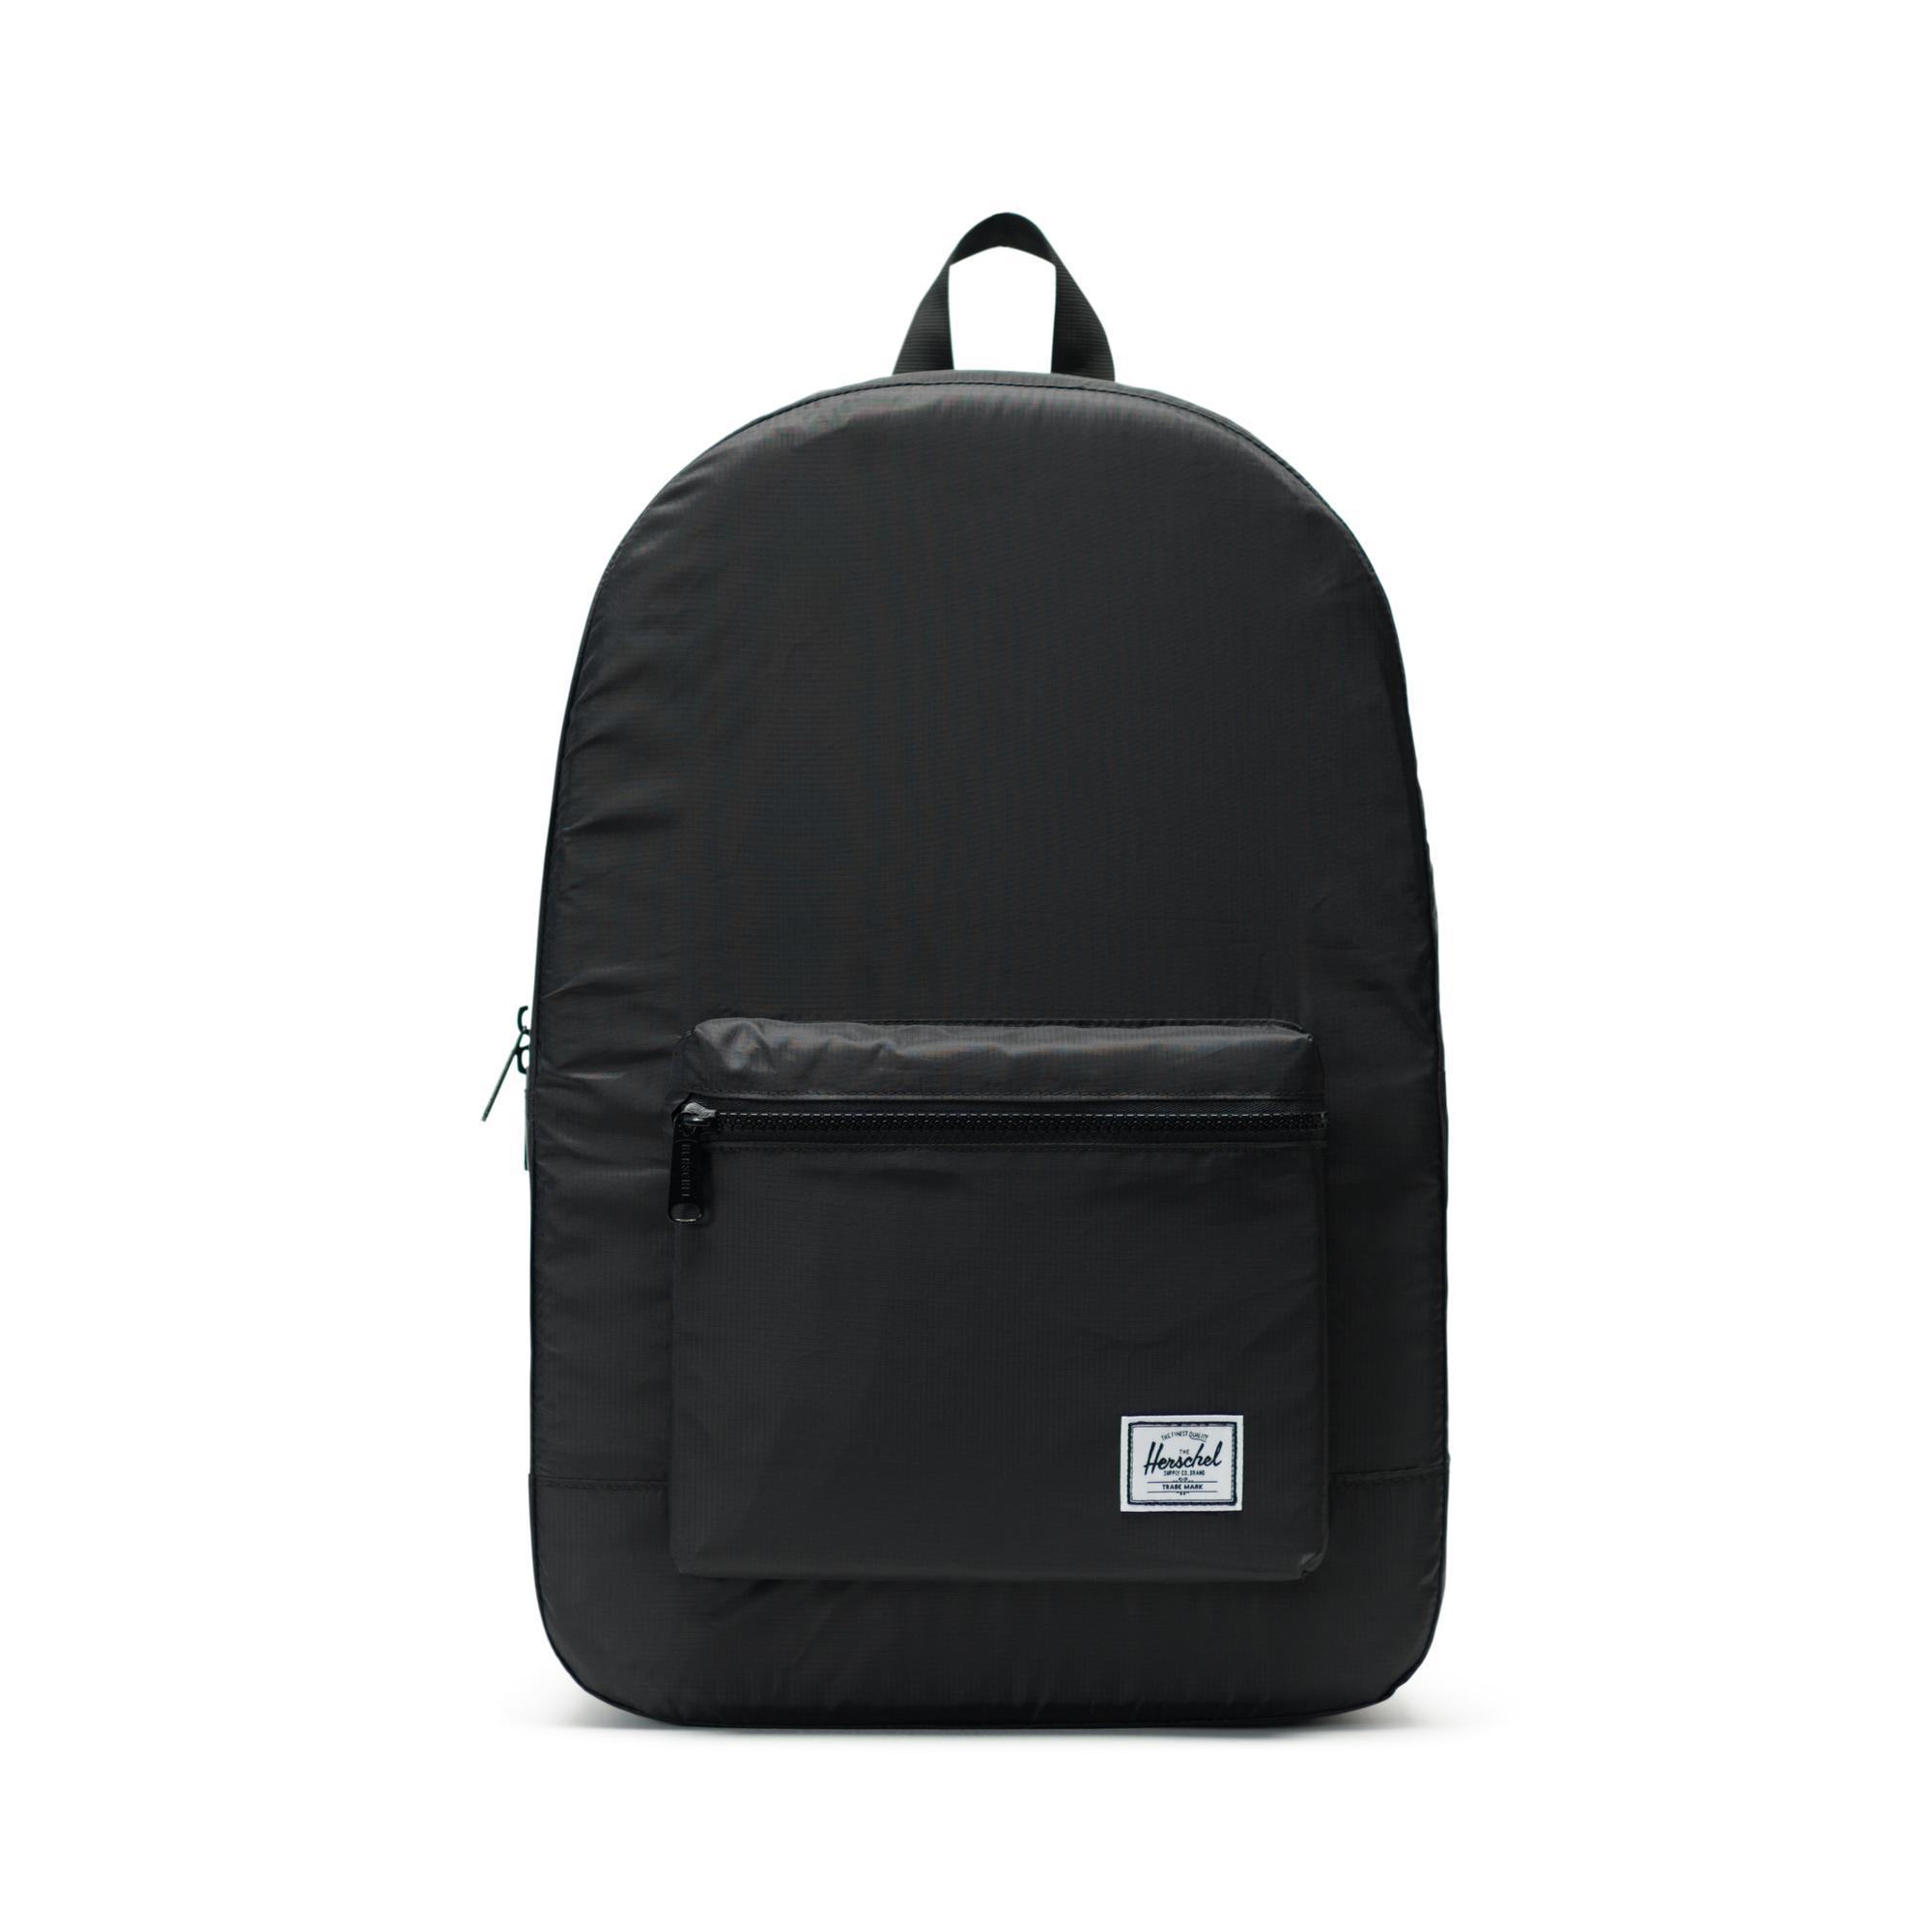 Verstaubare Taschen